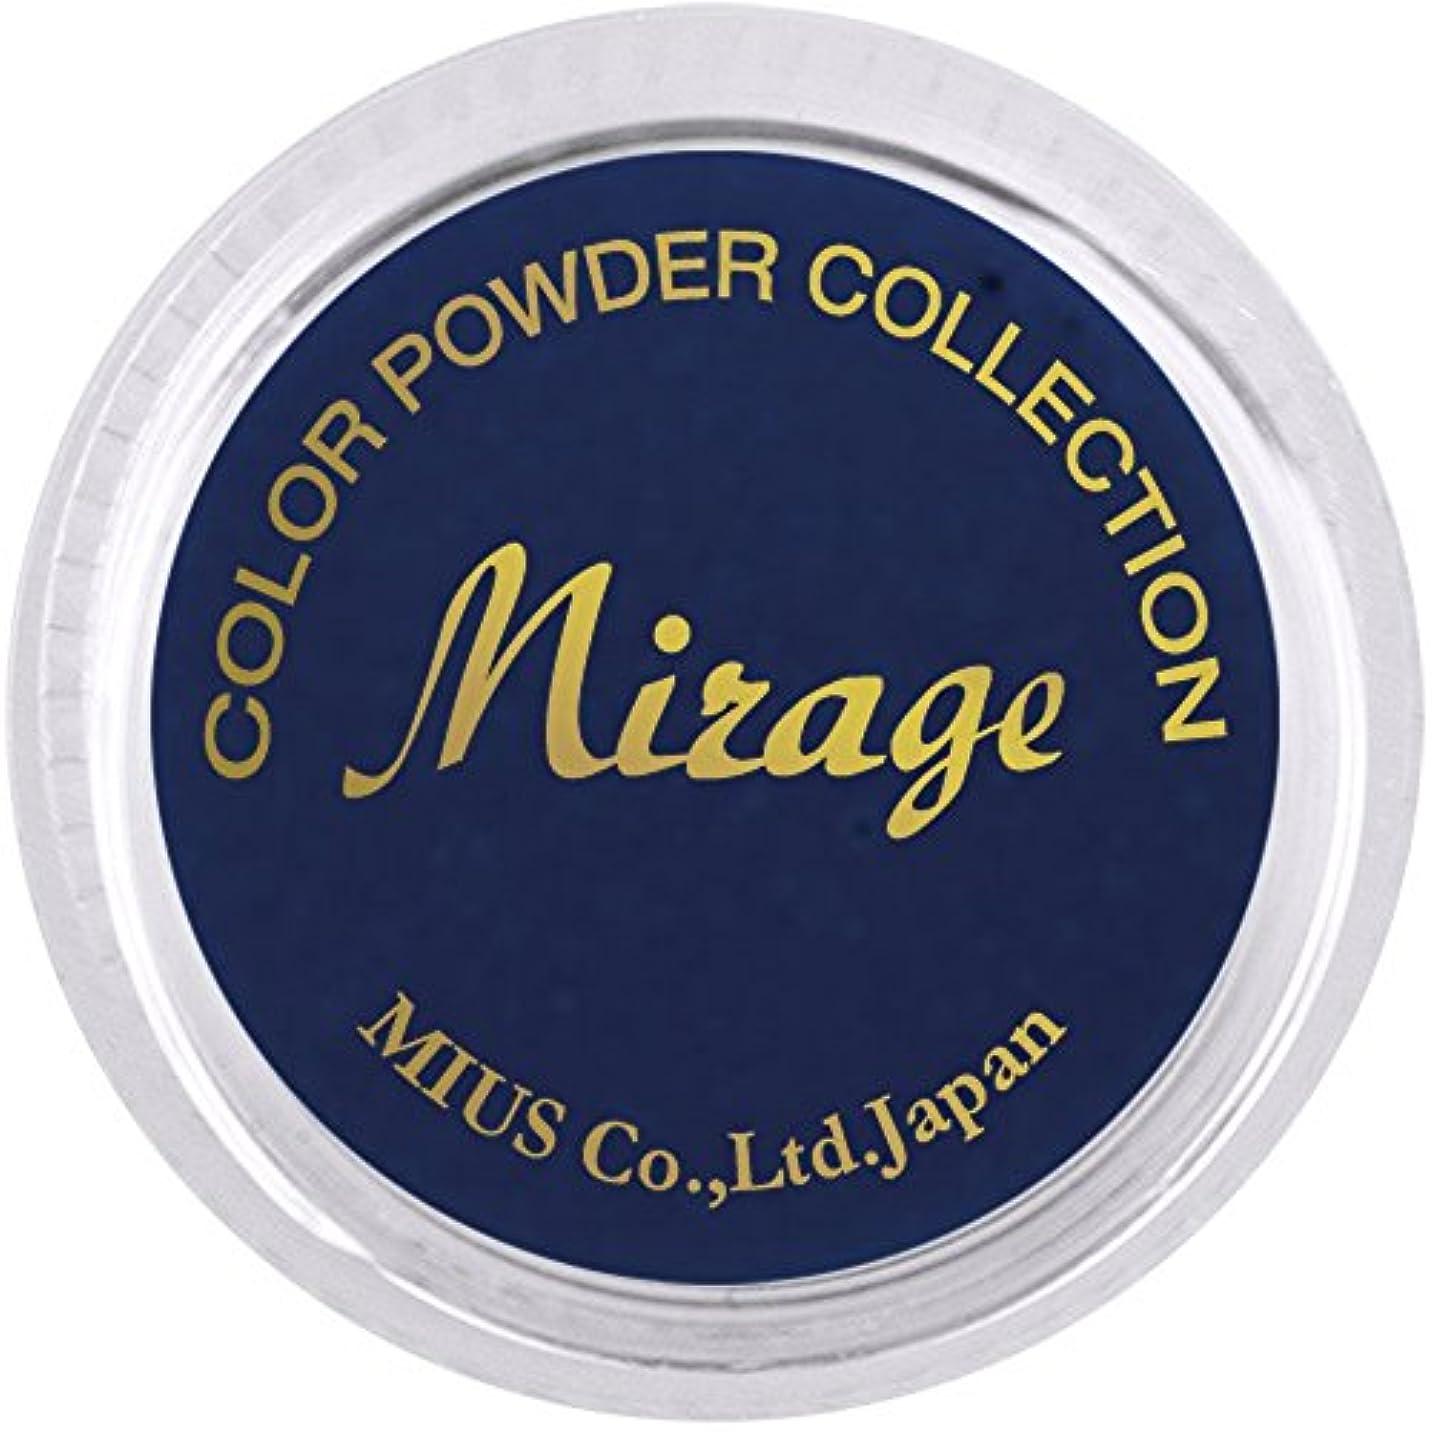 救援ダウンタウン群集ミラージュ カラーパウダー N/MED-6 インディゴブルー 7g  アクリルパウダー マットなダークシリーズ